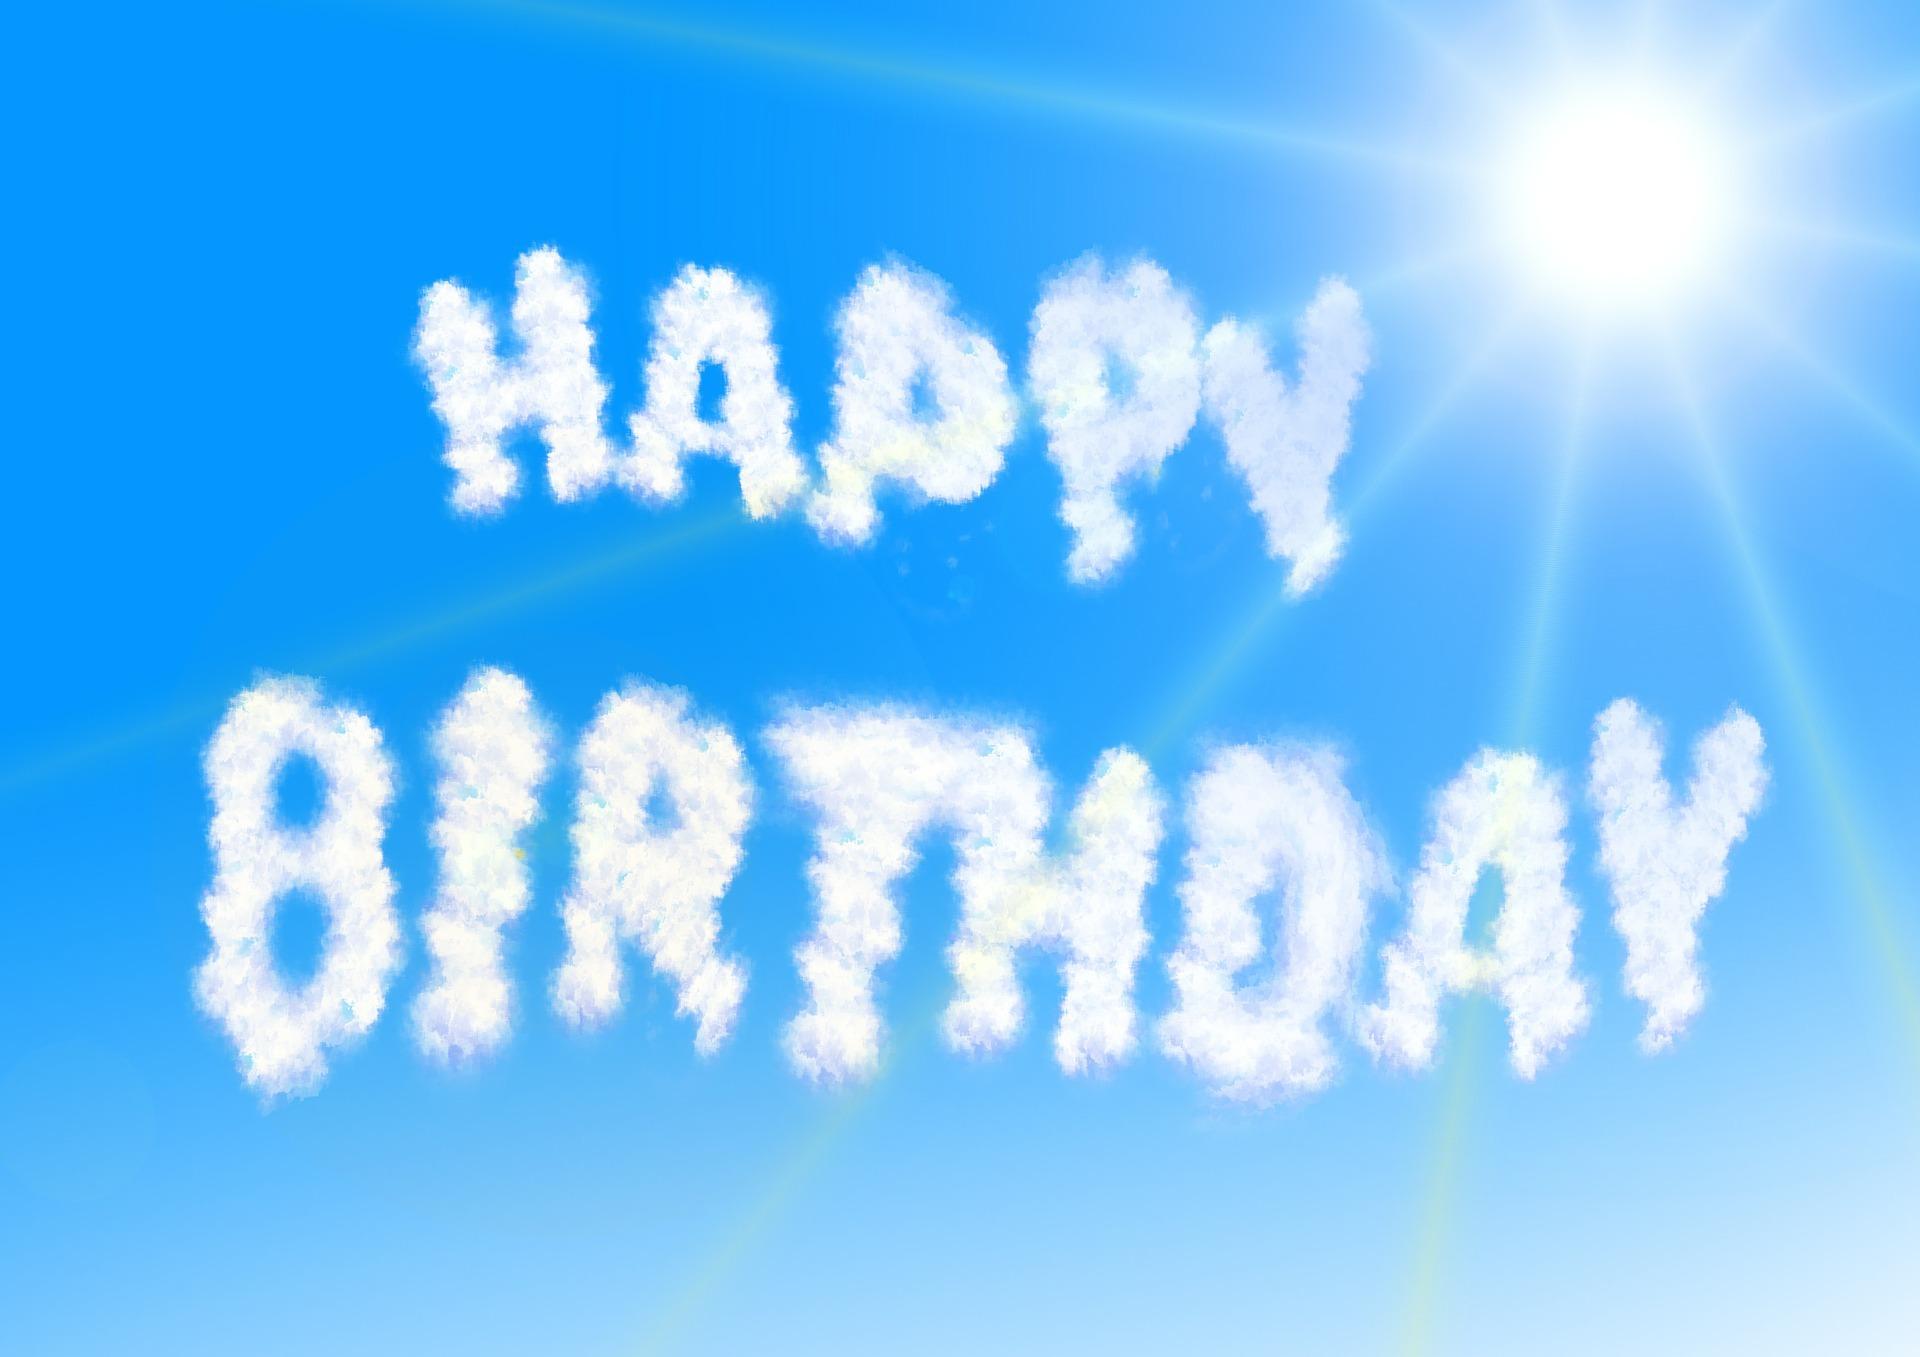 Geburtstagsglückwünsche richtig übermitteln auf blog-kade.de